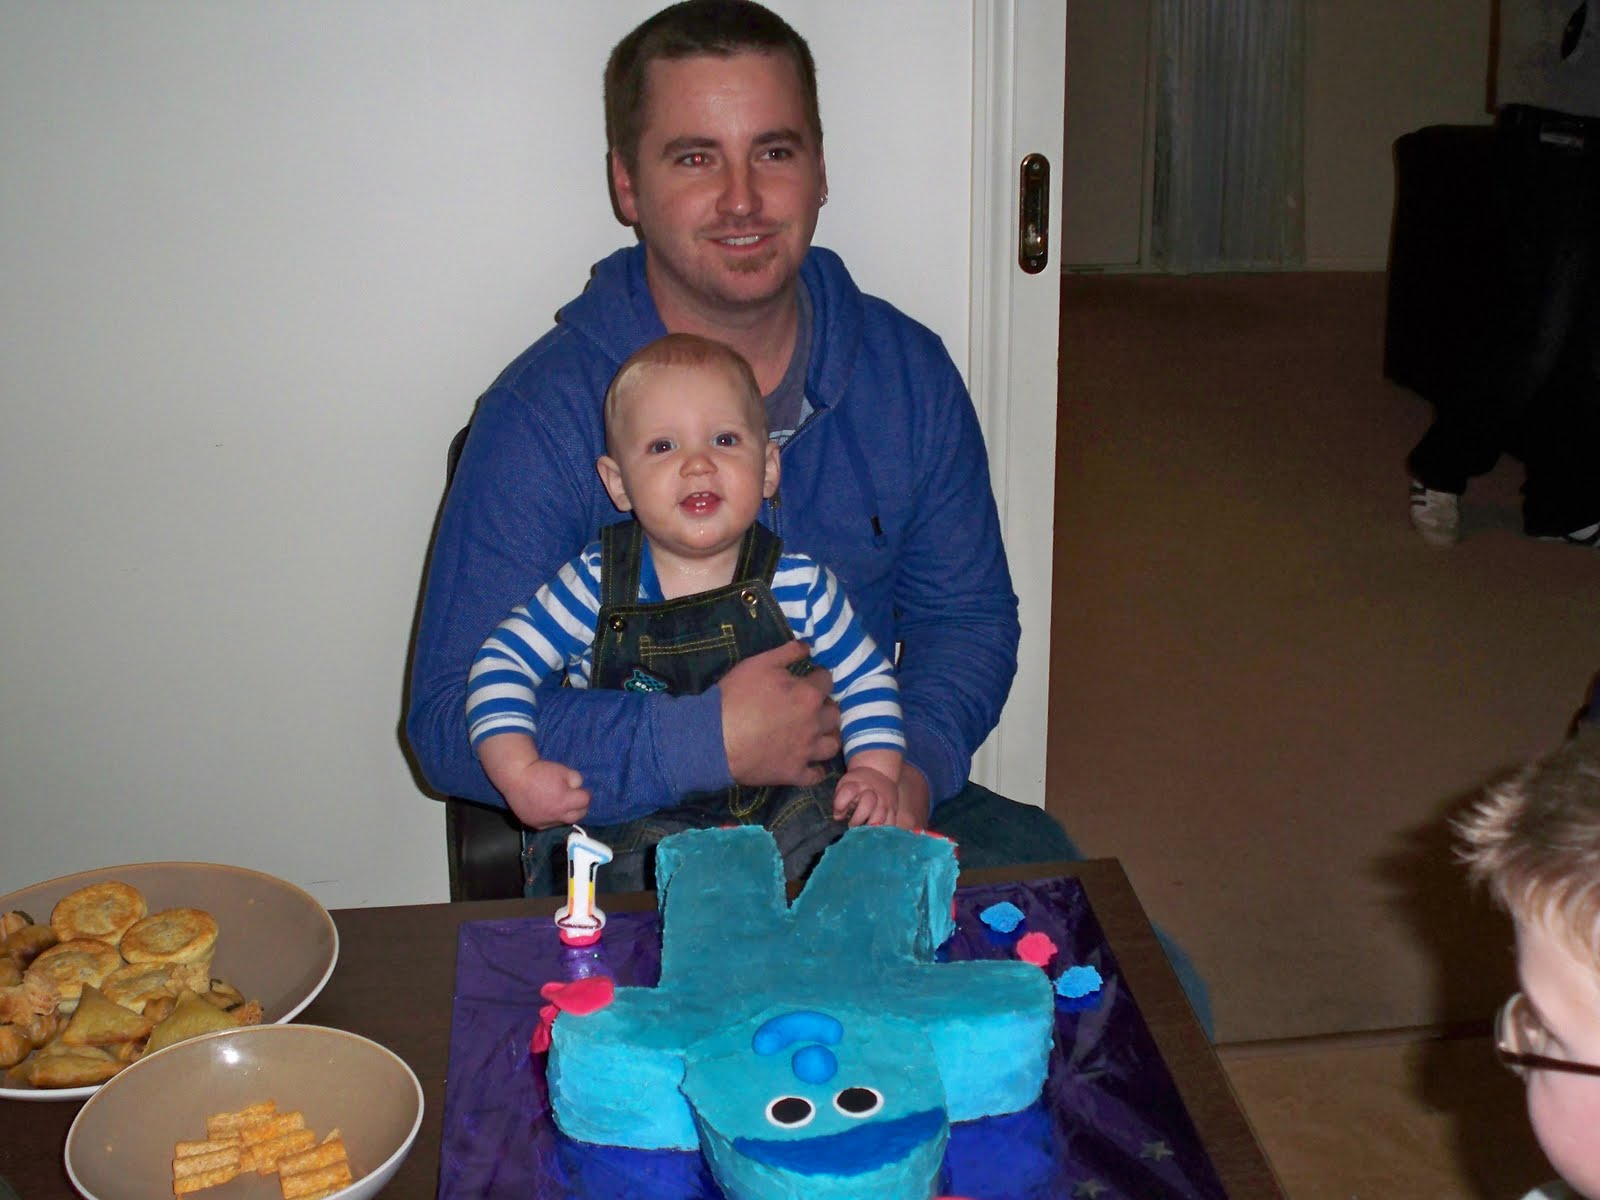 http://1.bp.blogspot.com/_rgpKq6xZv6Y/TG3ymDgVaSI/AAAAAAAAADg/i5DrhfaLhVc/s1600/birthday+015.jpg